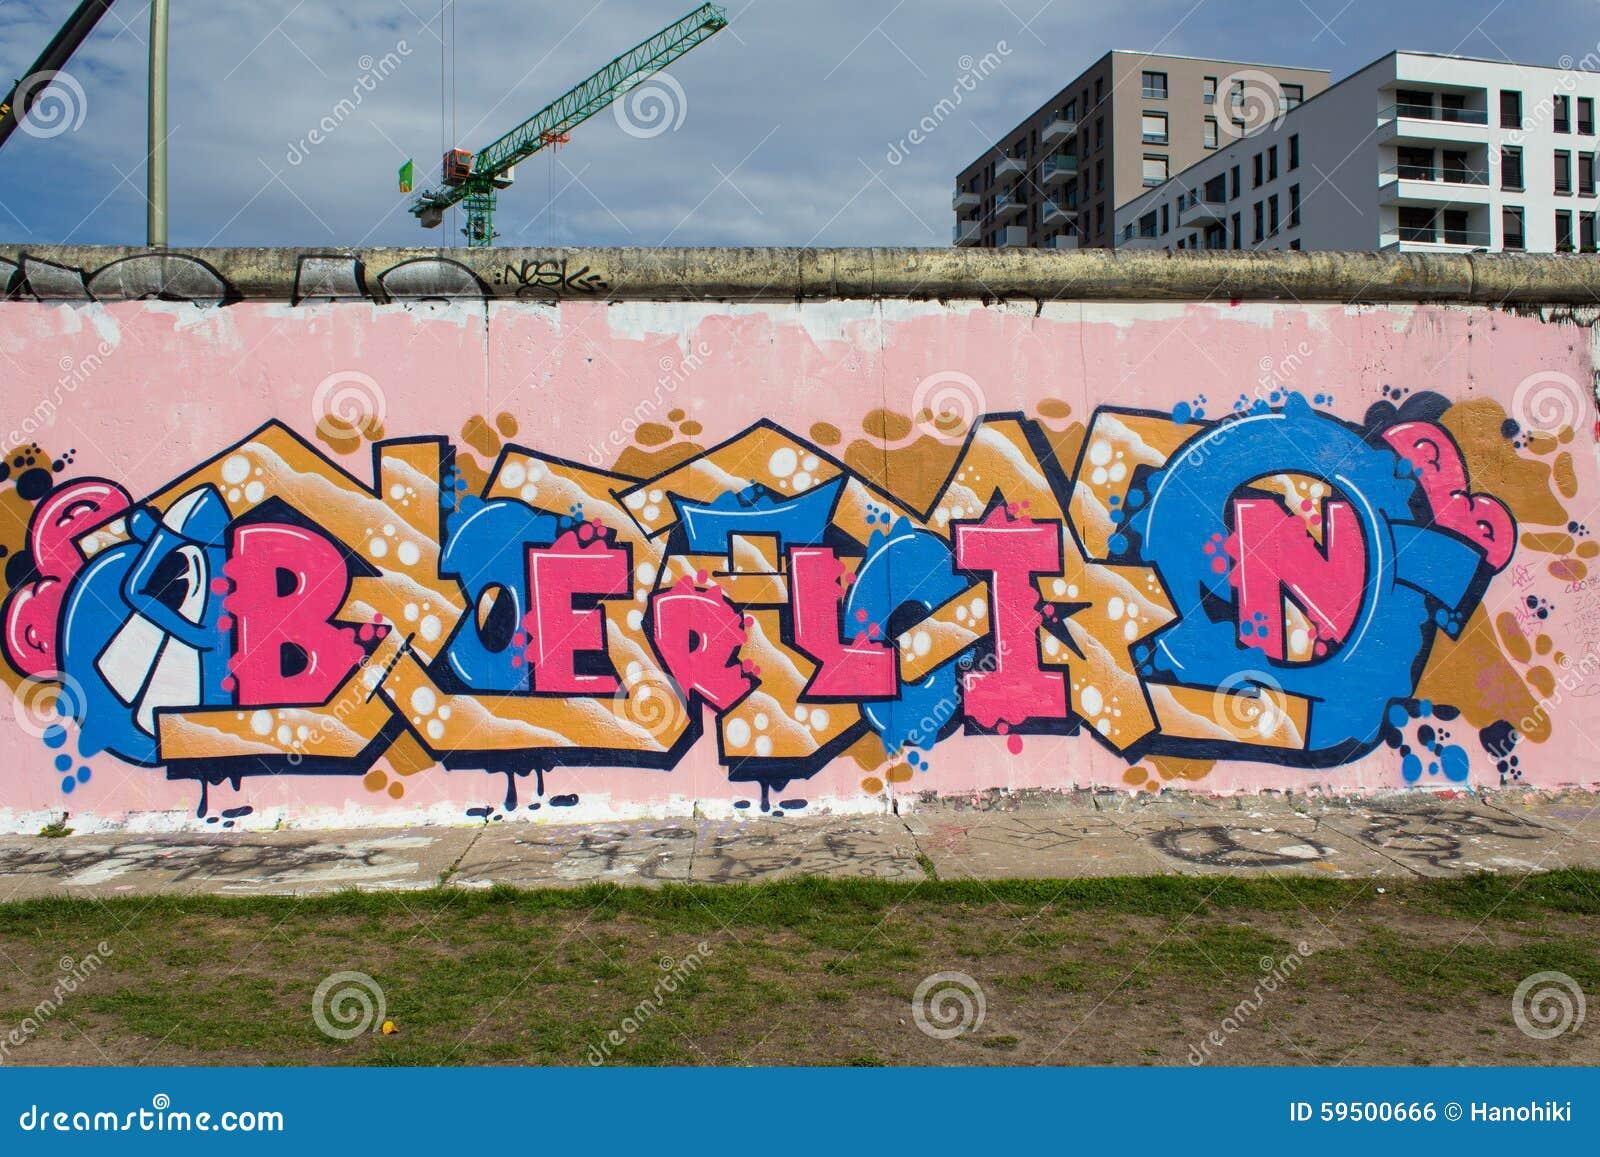 berliner mauer mit berlin graffiti redaktionelles foto bild von trennvorhang besichtigung. Black Bedroom Furniture Sets. Home Design Ideas